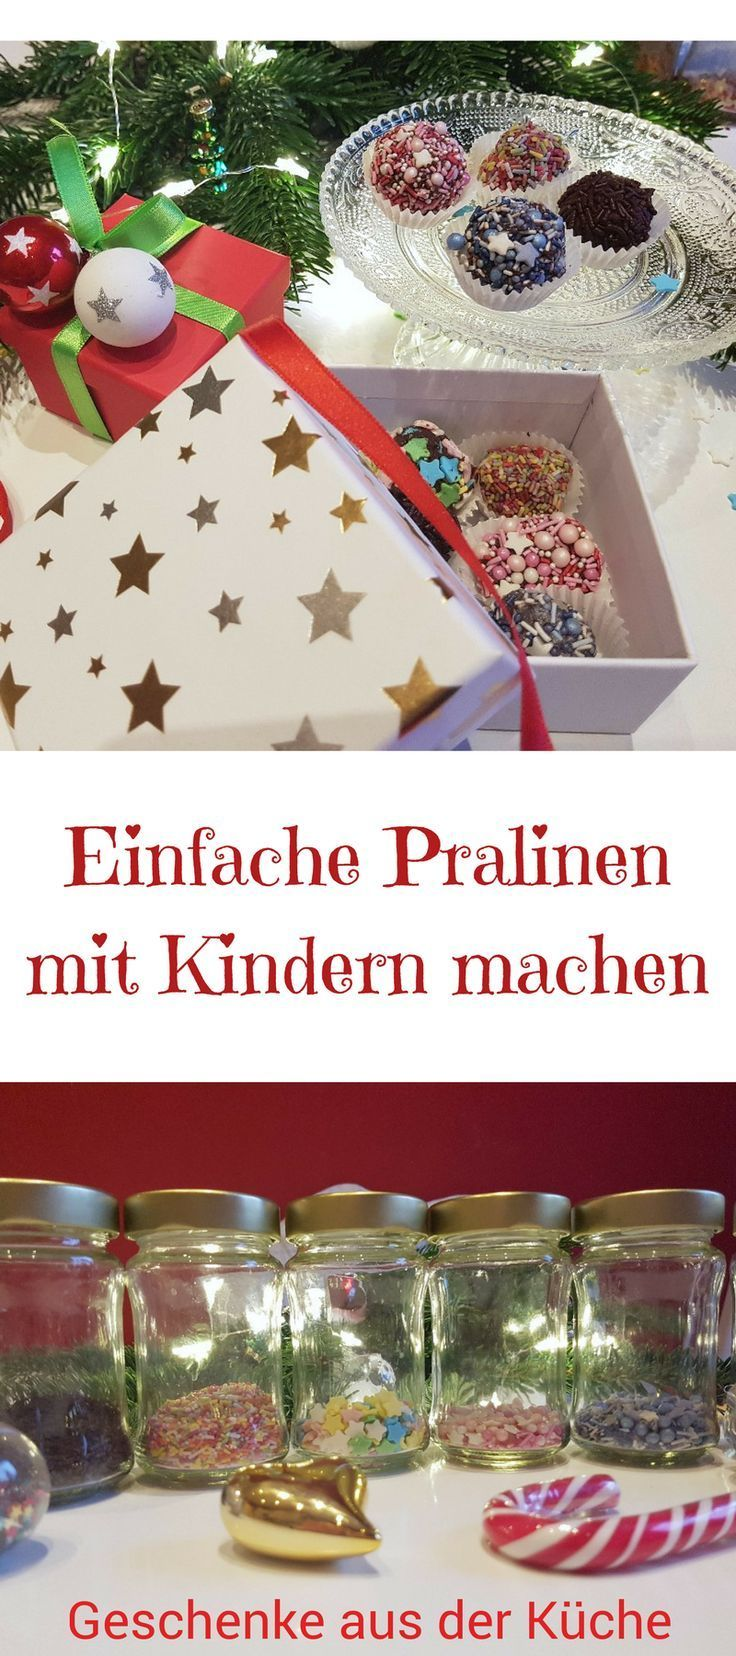 Anzeige: Rezept für einfache Pralinen mit Kindern - SIMPLYLOVELYCHAOS